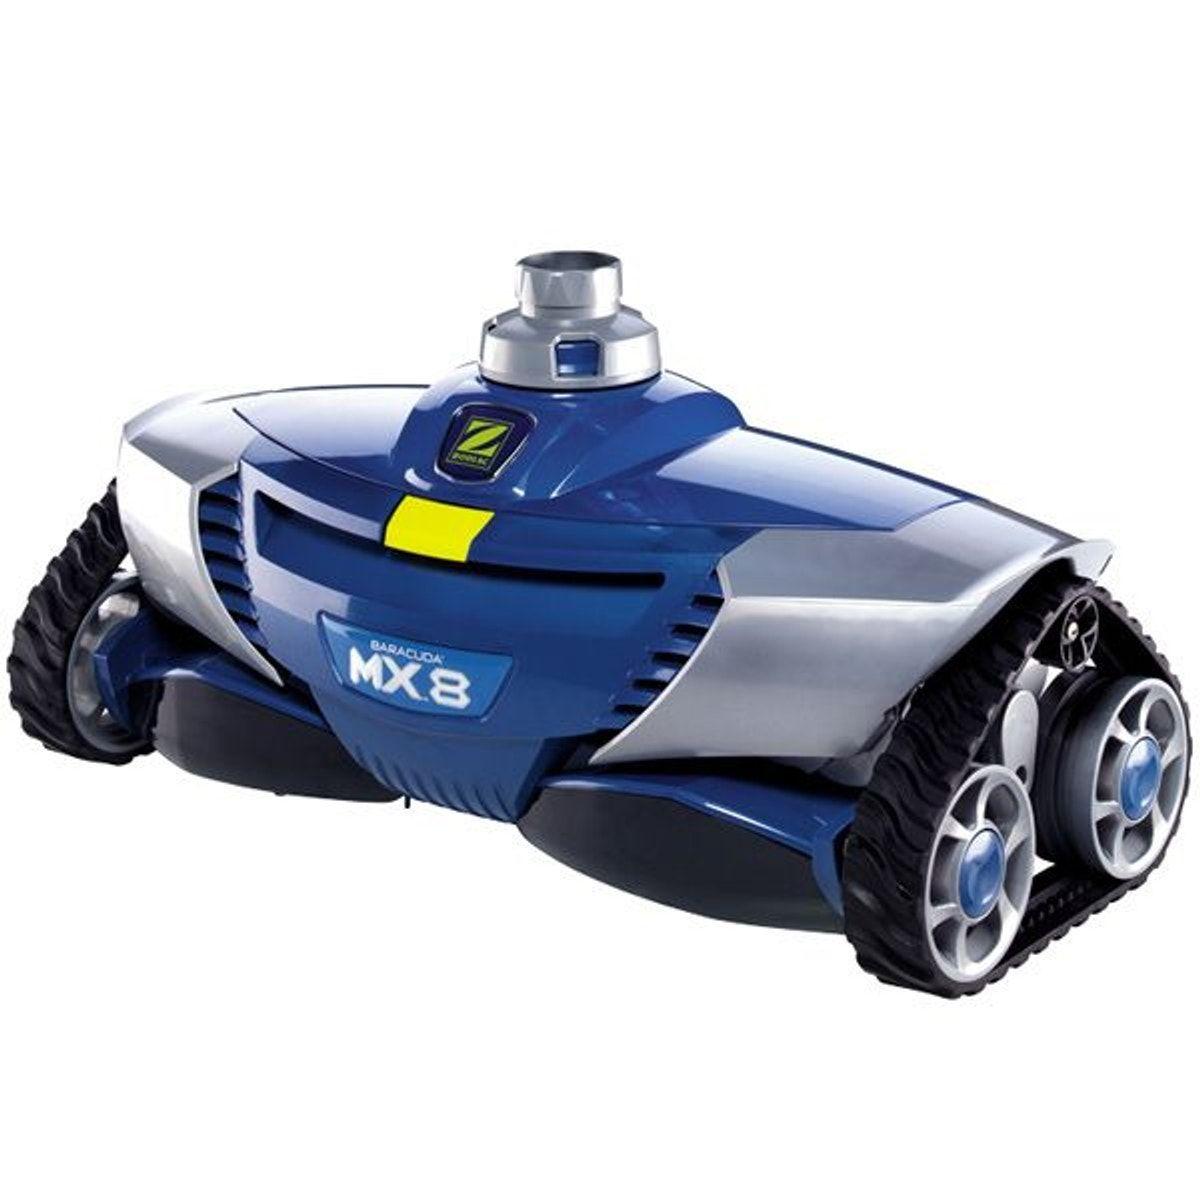 Robot Hydraulique De Nettoyage De Piscine - Mx8 - Taille ... encequiconcerne Robot Piscine Zodiac Mx8